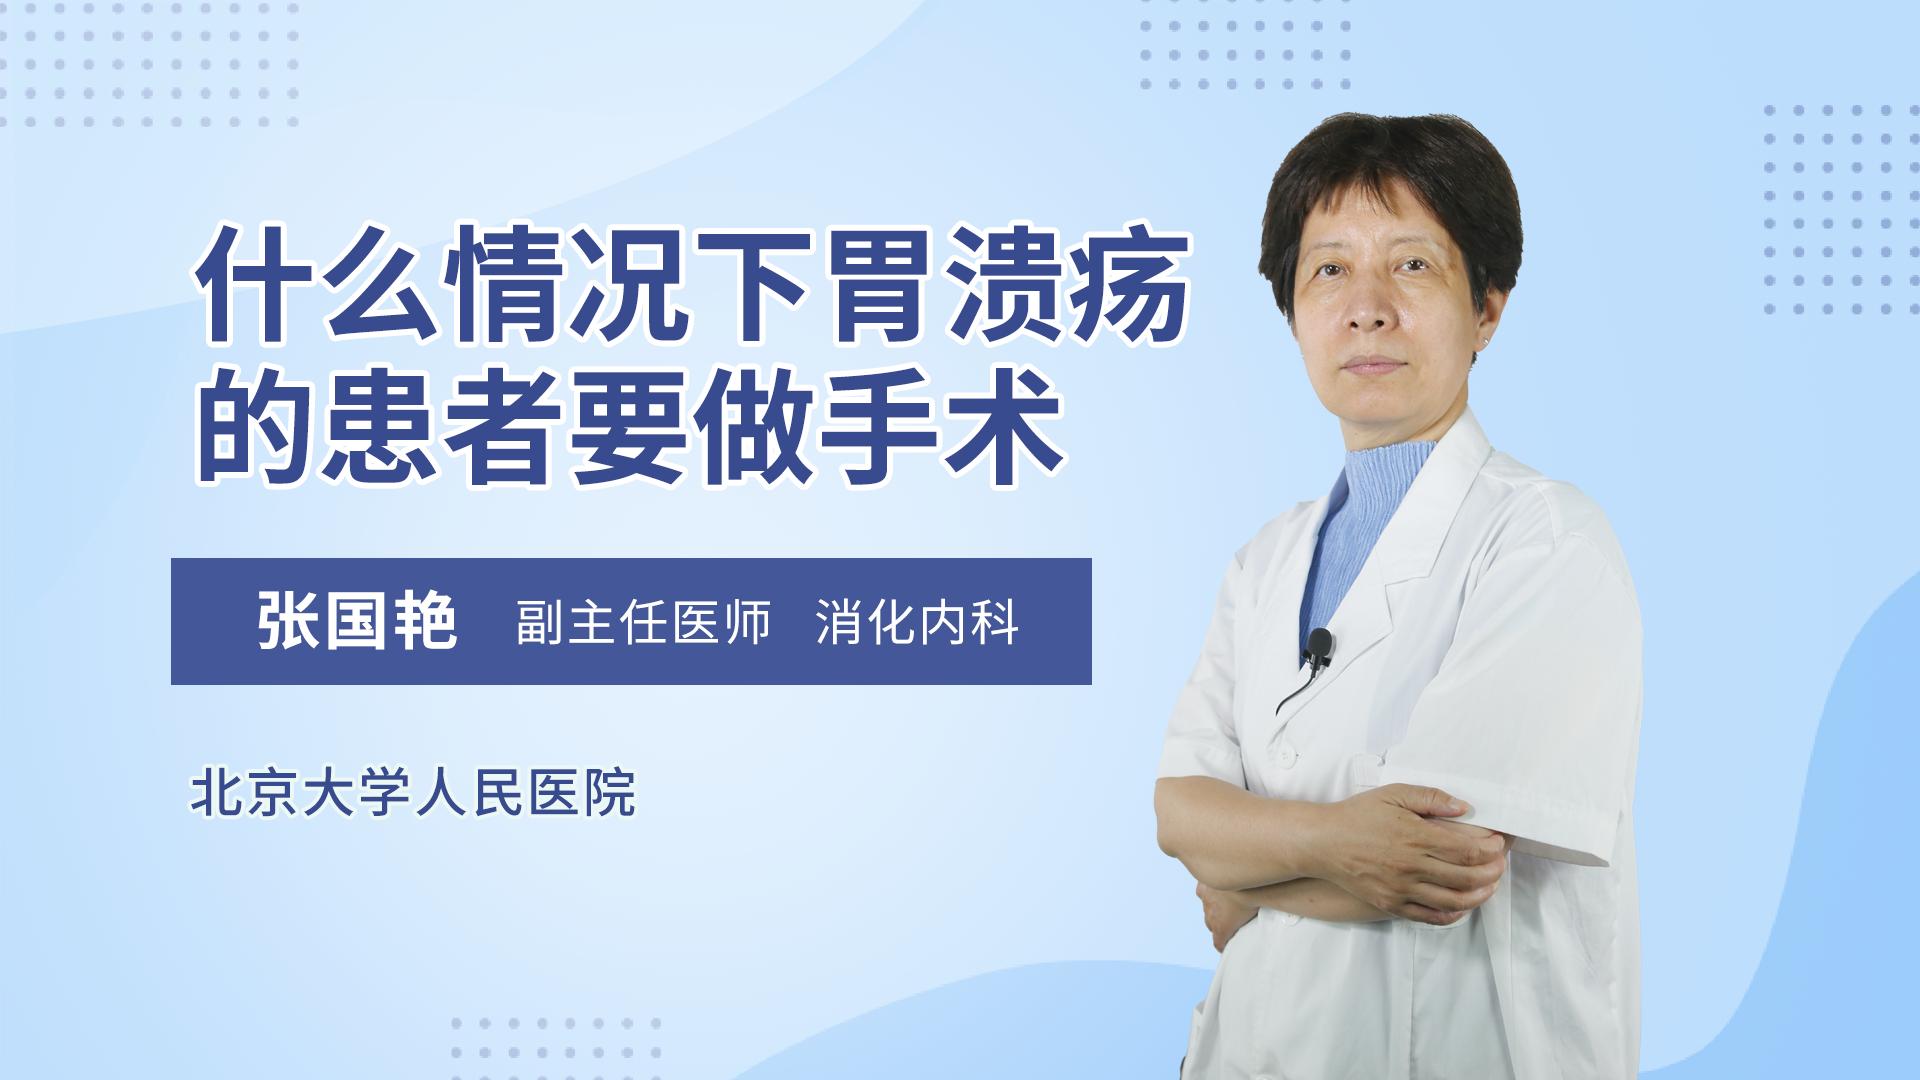 什么情况下胃溃疡的患者要做手术